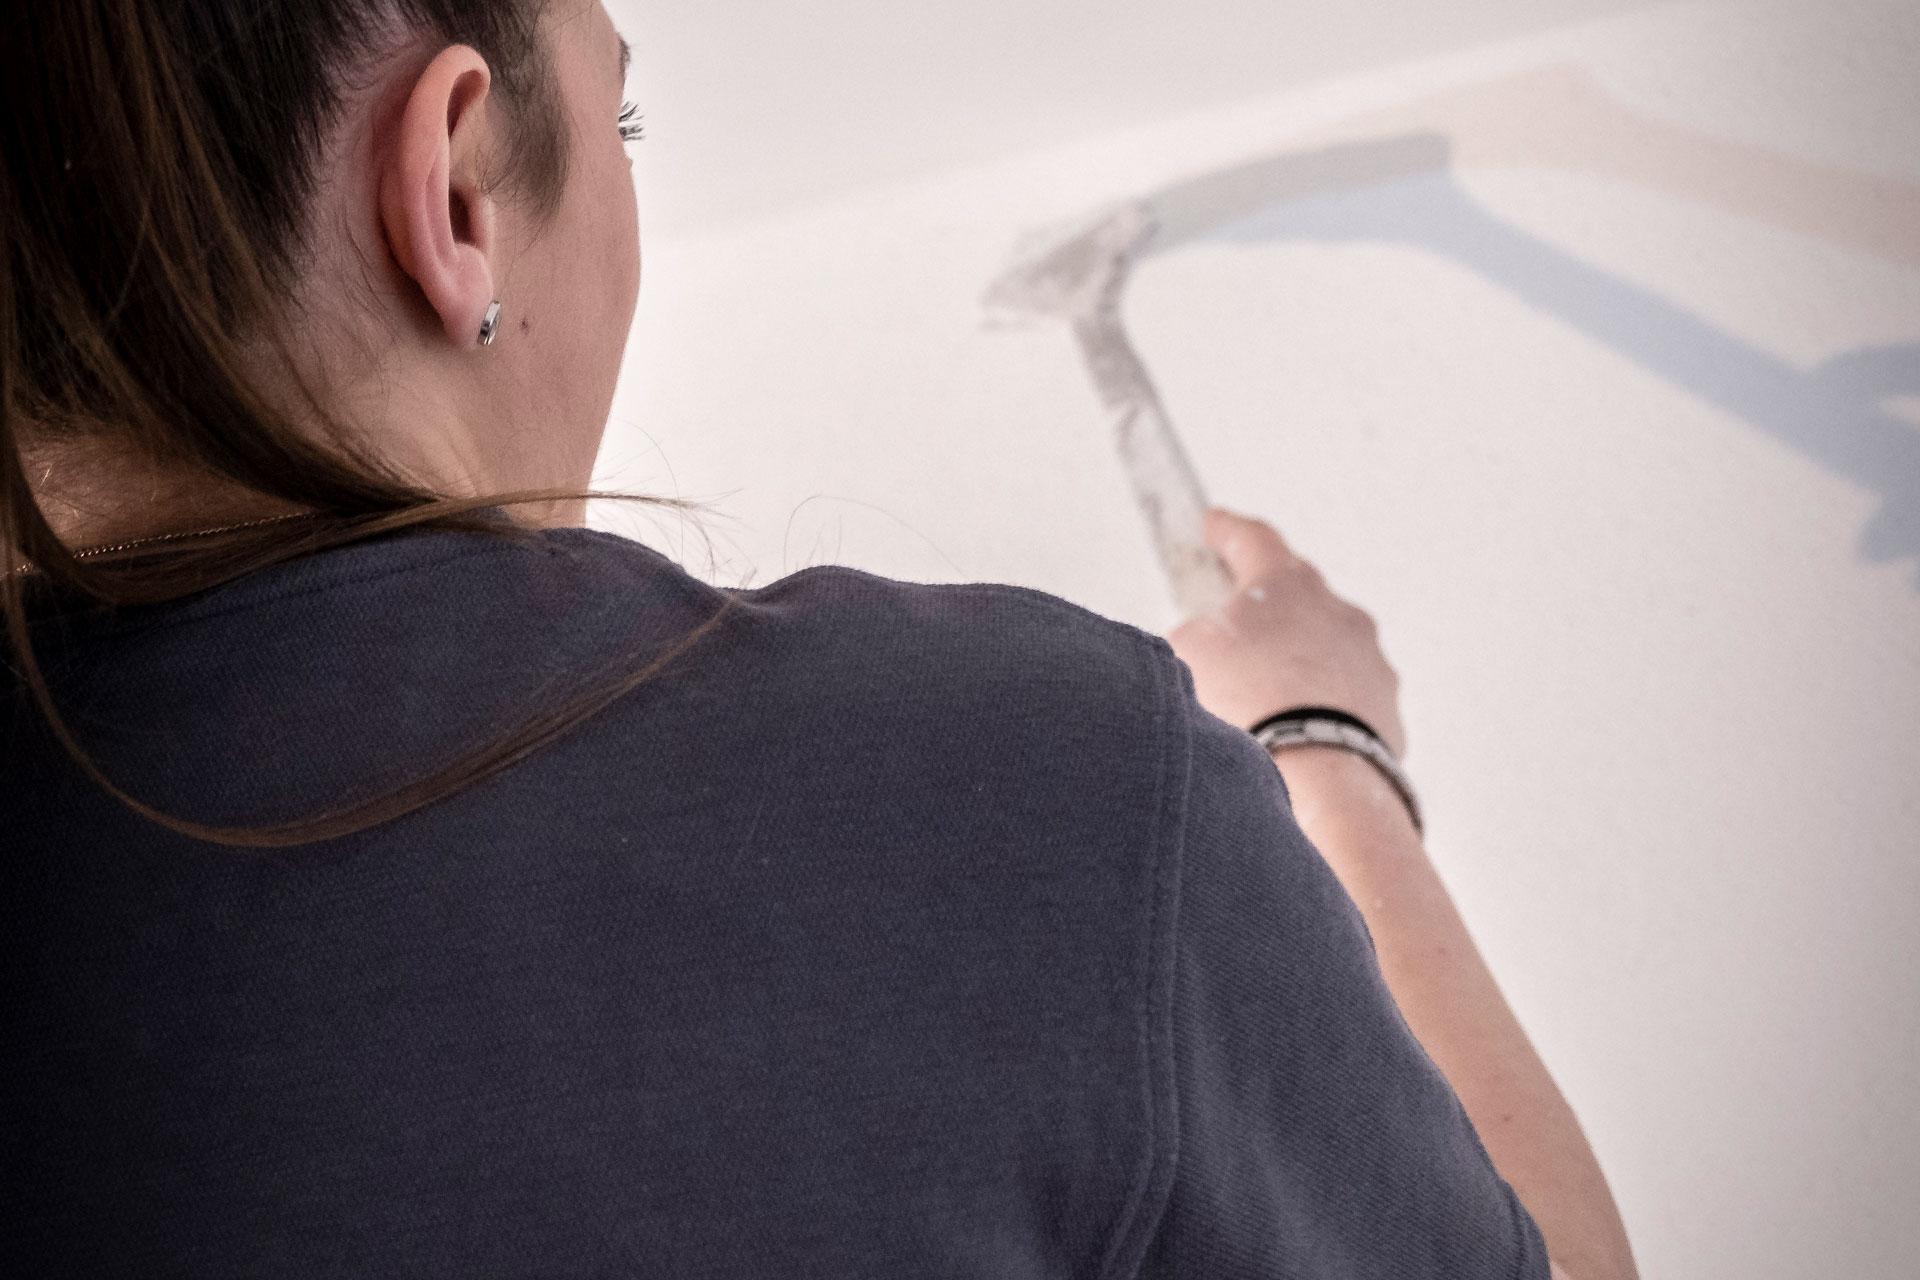 Maler sind sehr gesucht, weshalb wir fast immer Arbeit finden für diesen Beruf.